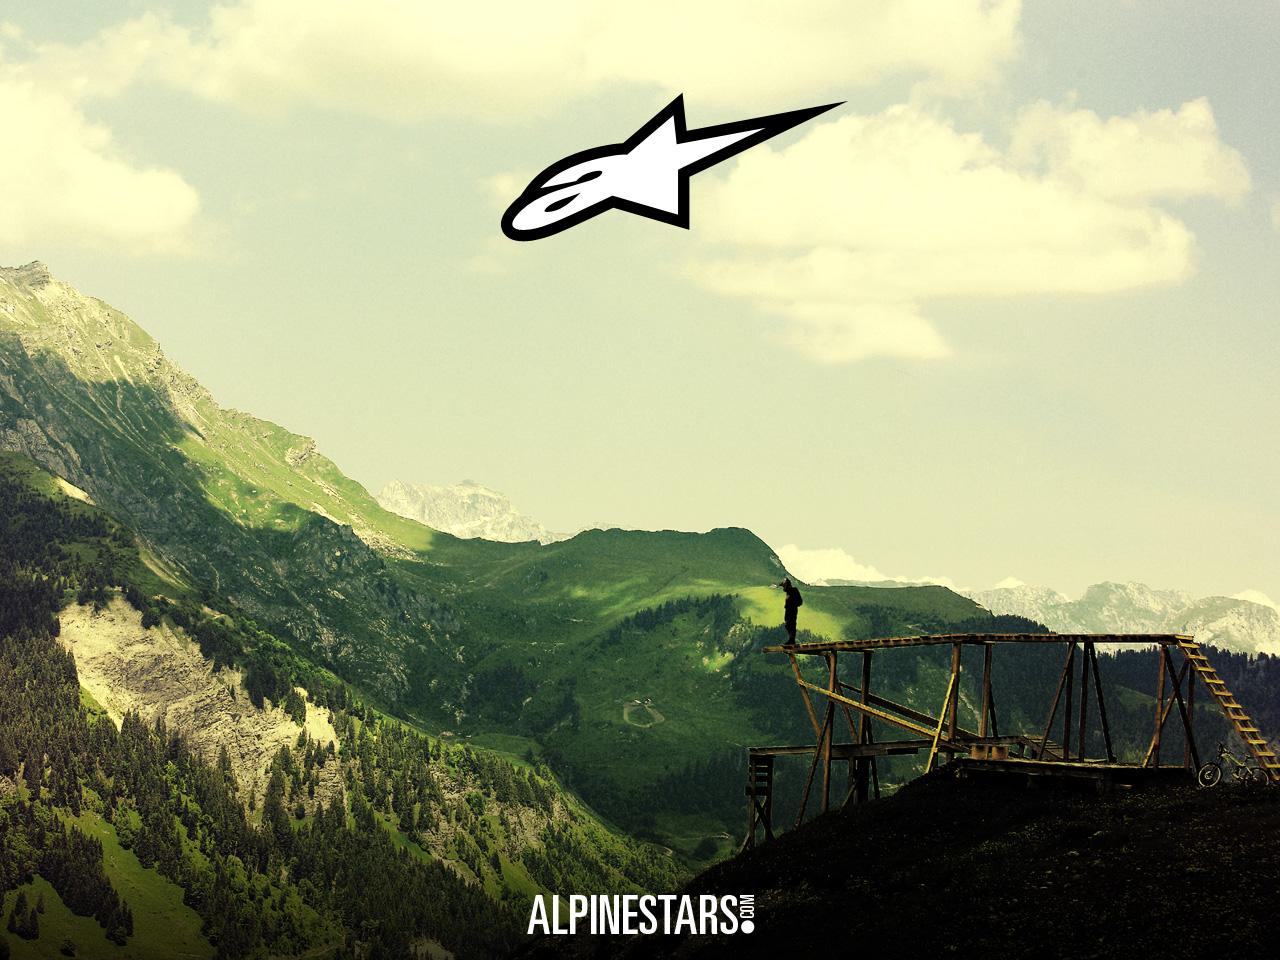 Alpinestar Logo Wallpaper Alpinestars cycling 1280x960